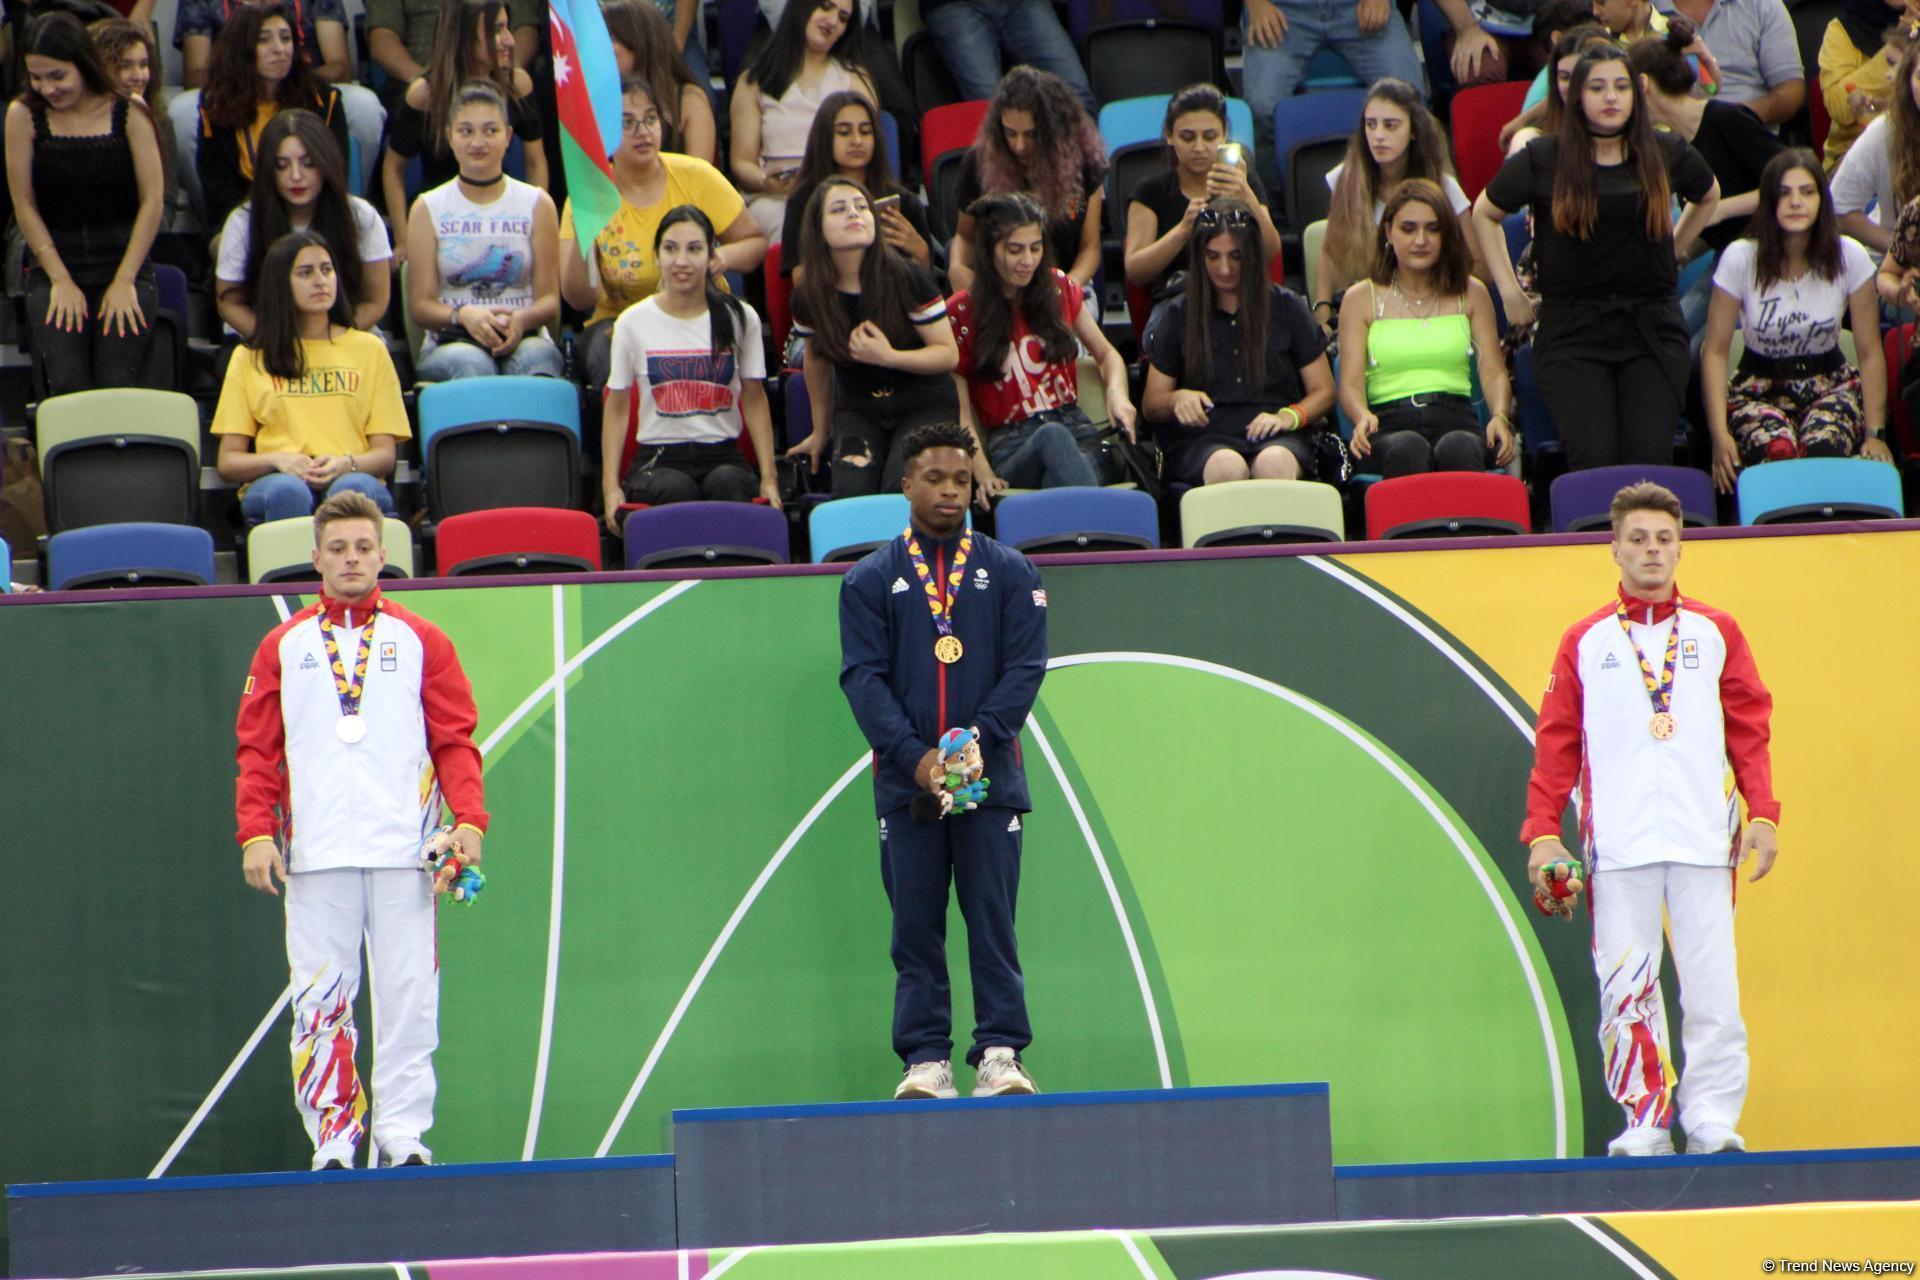 EYOF Baku 2019: Церемония награждения победителей в опорном прыжке и в упражнениях на бревне (ФОТО)